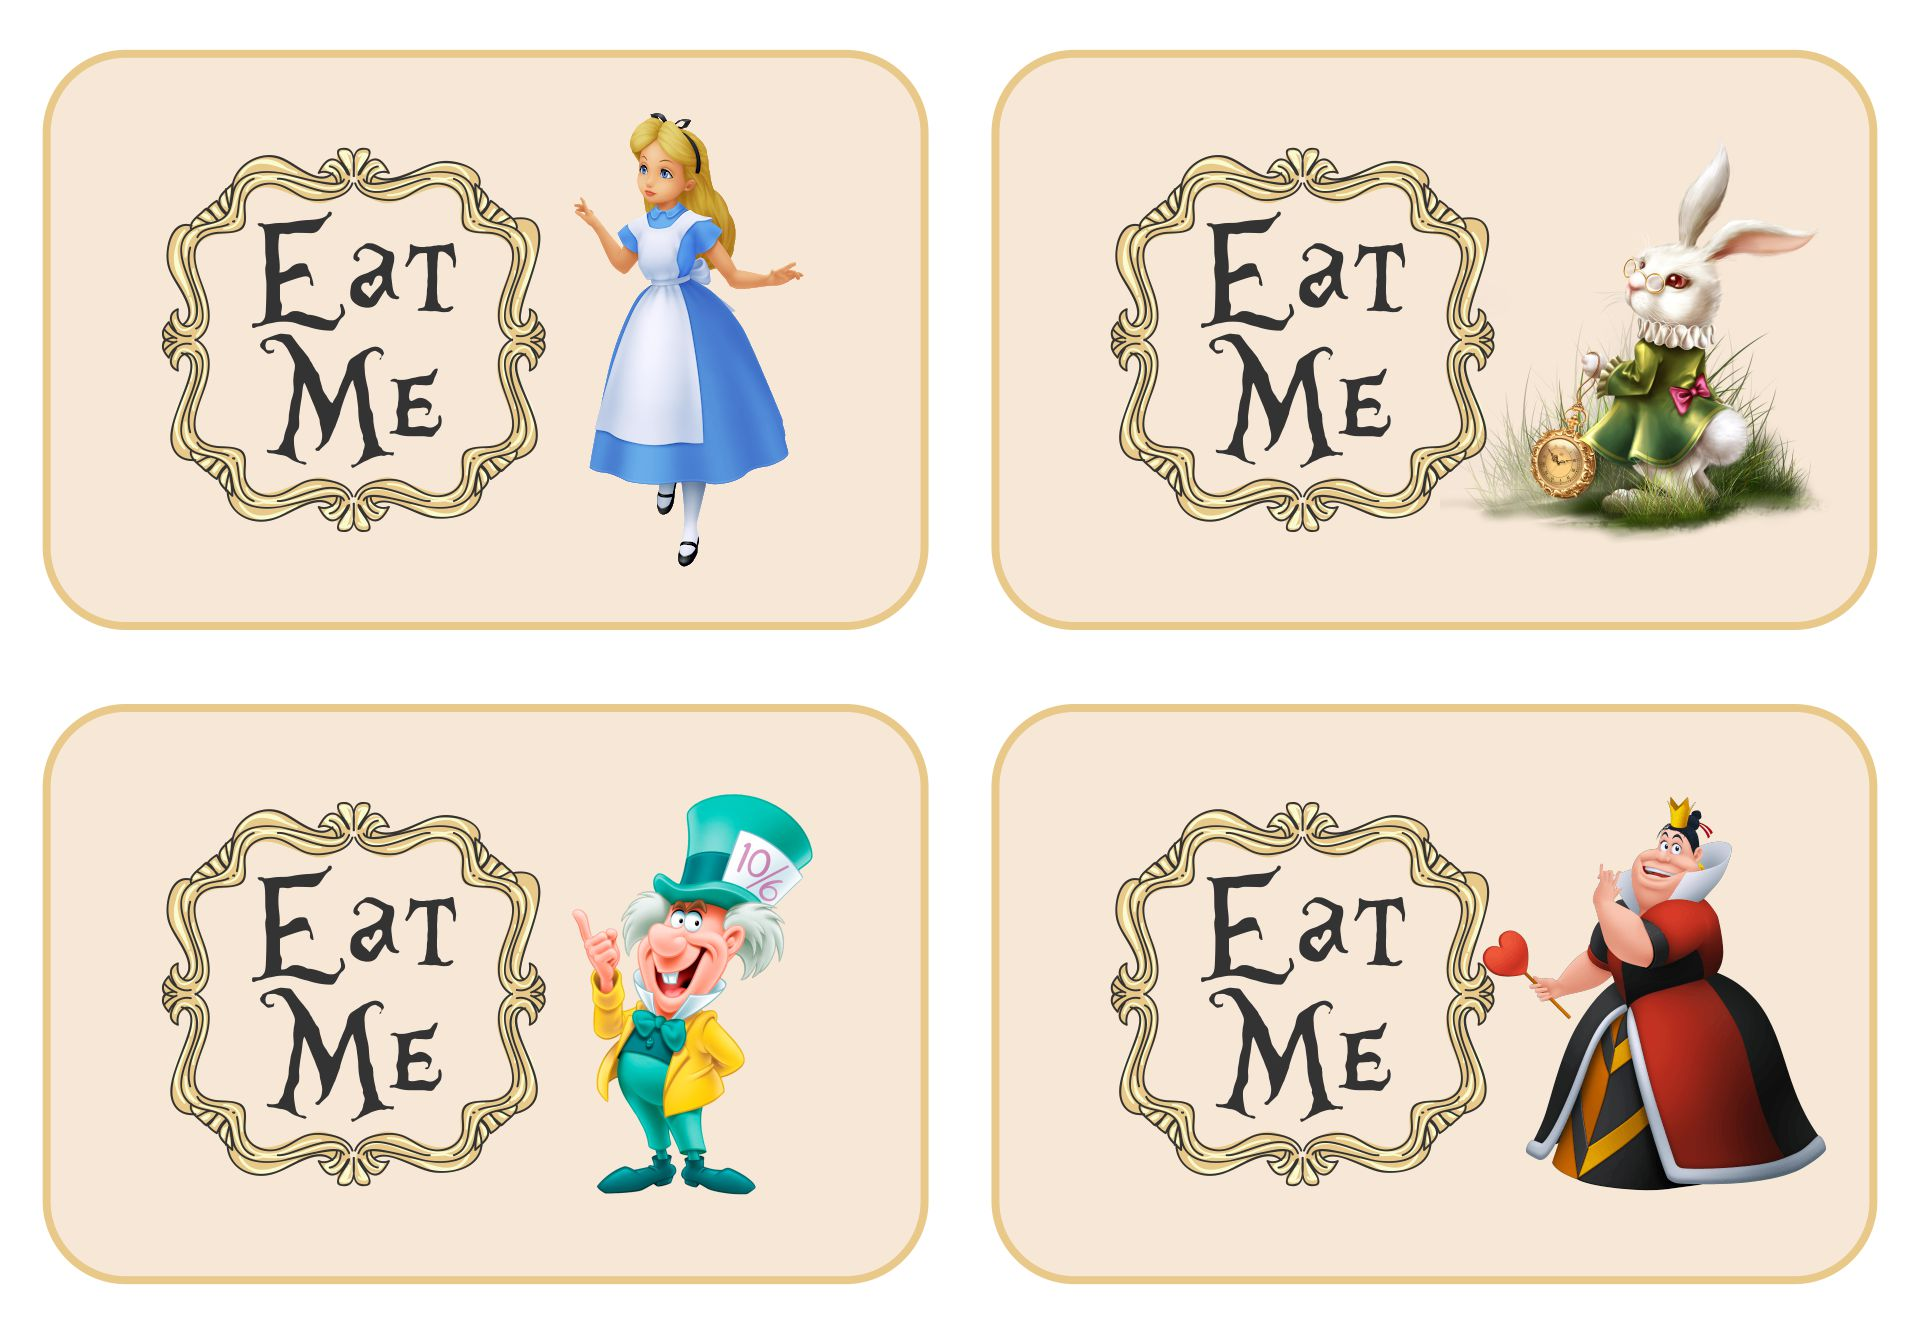 7 Best Eat Me Drink Me Printable Templates Printablee Com